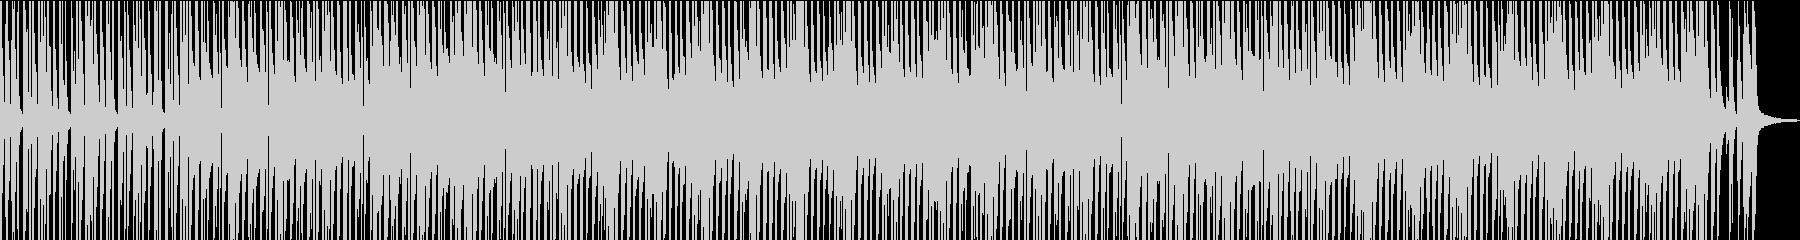 ティーン 邦楽 K-POP J-P...の未再生の波形